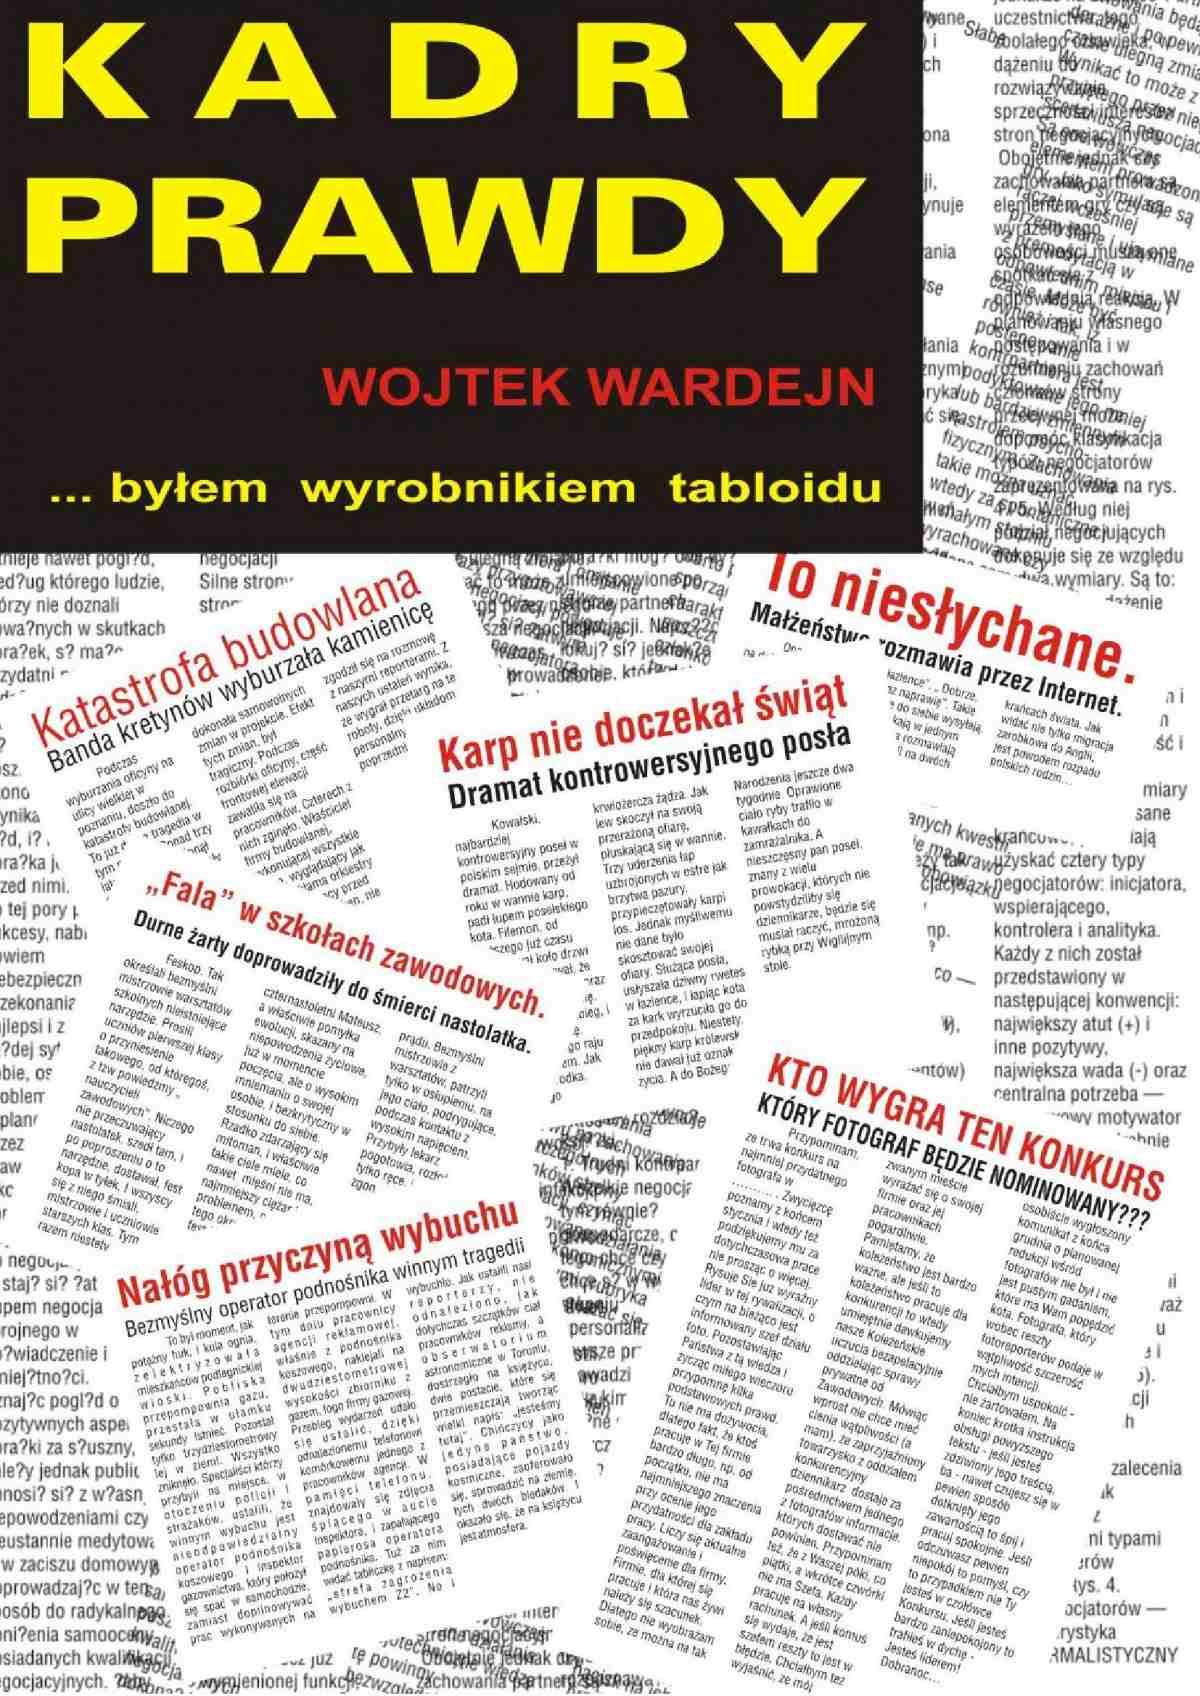 Kadry prawdy - Ebook (Książka PDF) do pobrania w formacie PDF